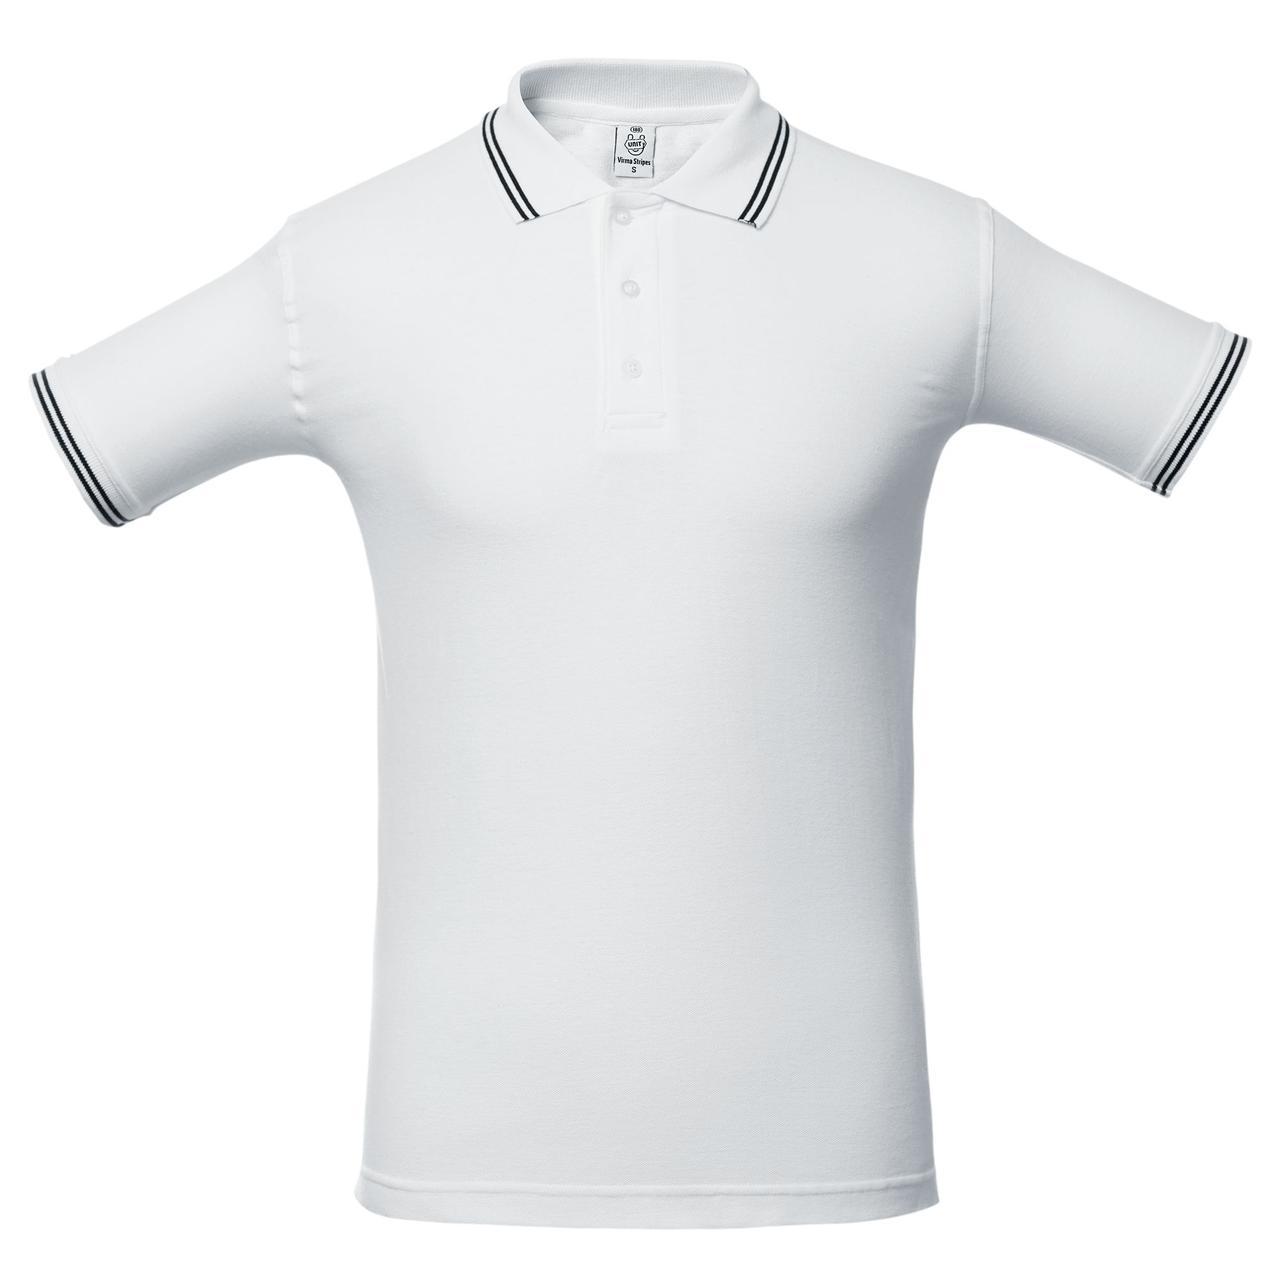 Рубашка поло Virma Stripes, белая (артикул 1253.60)